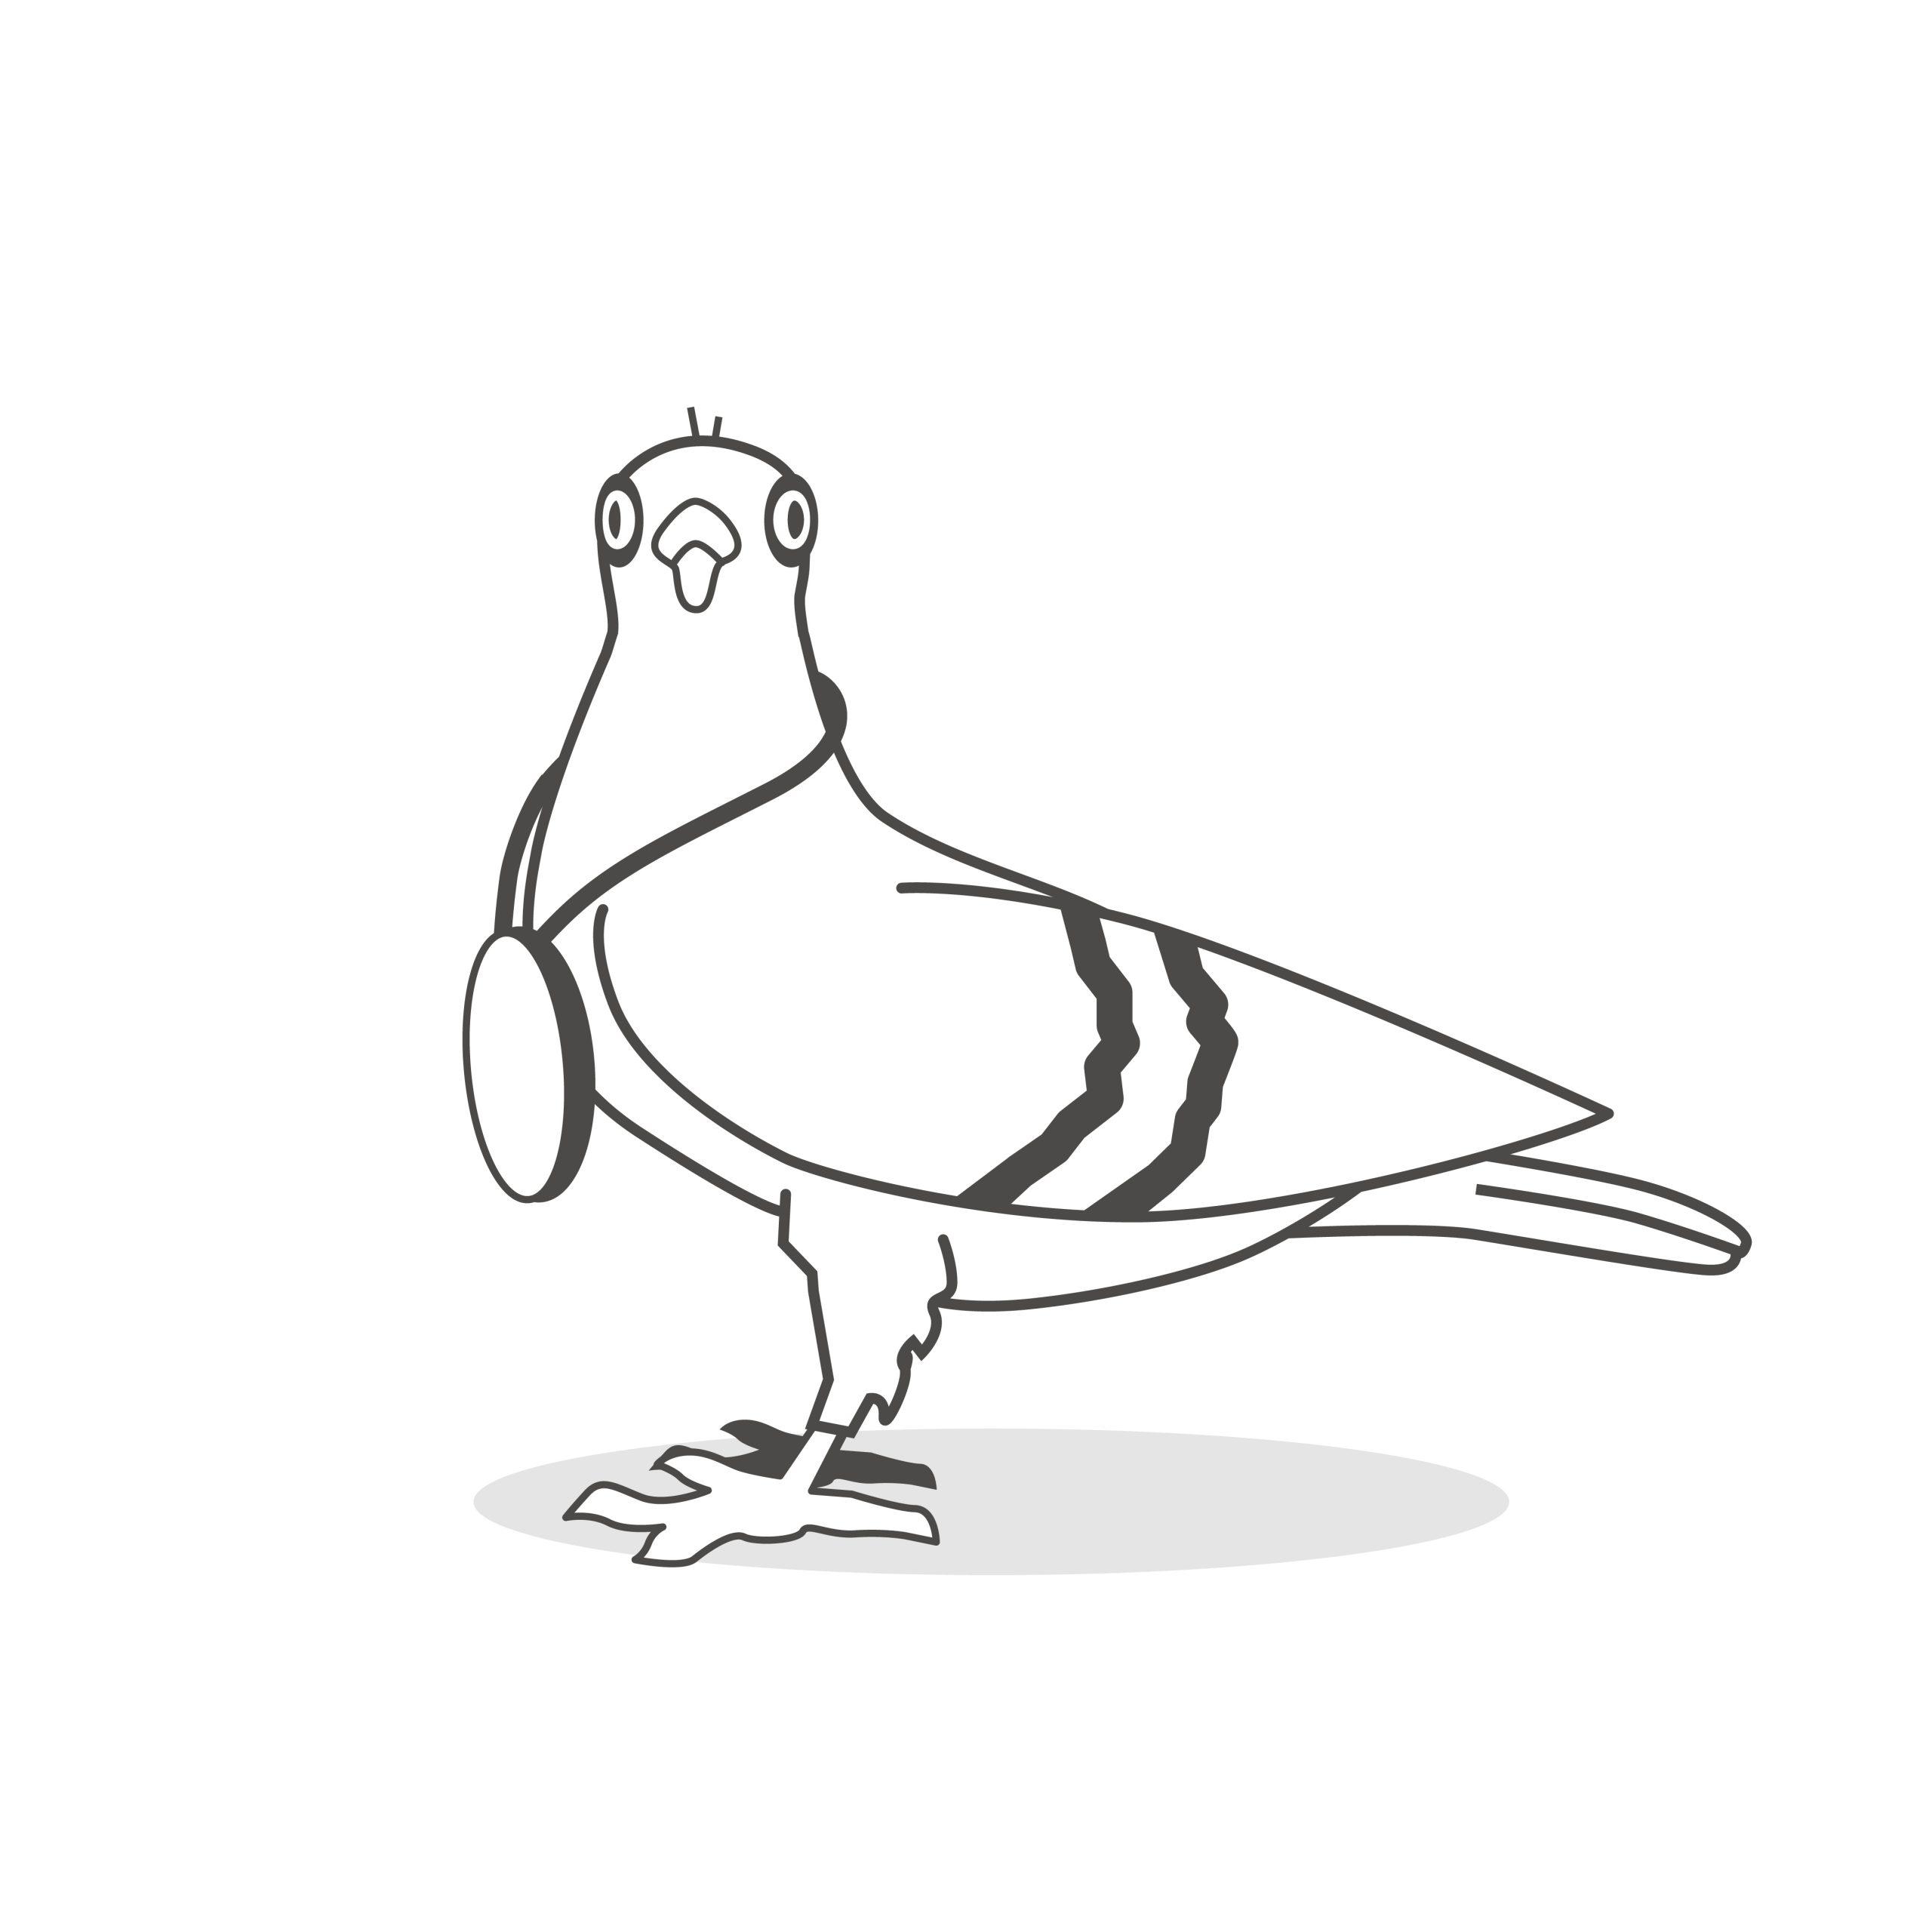 Pigeon Center Duif